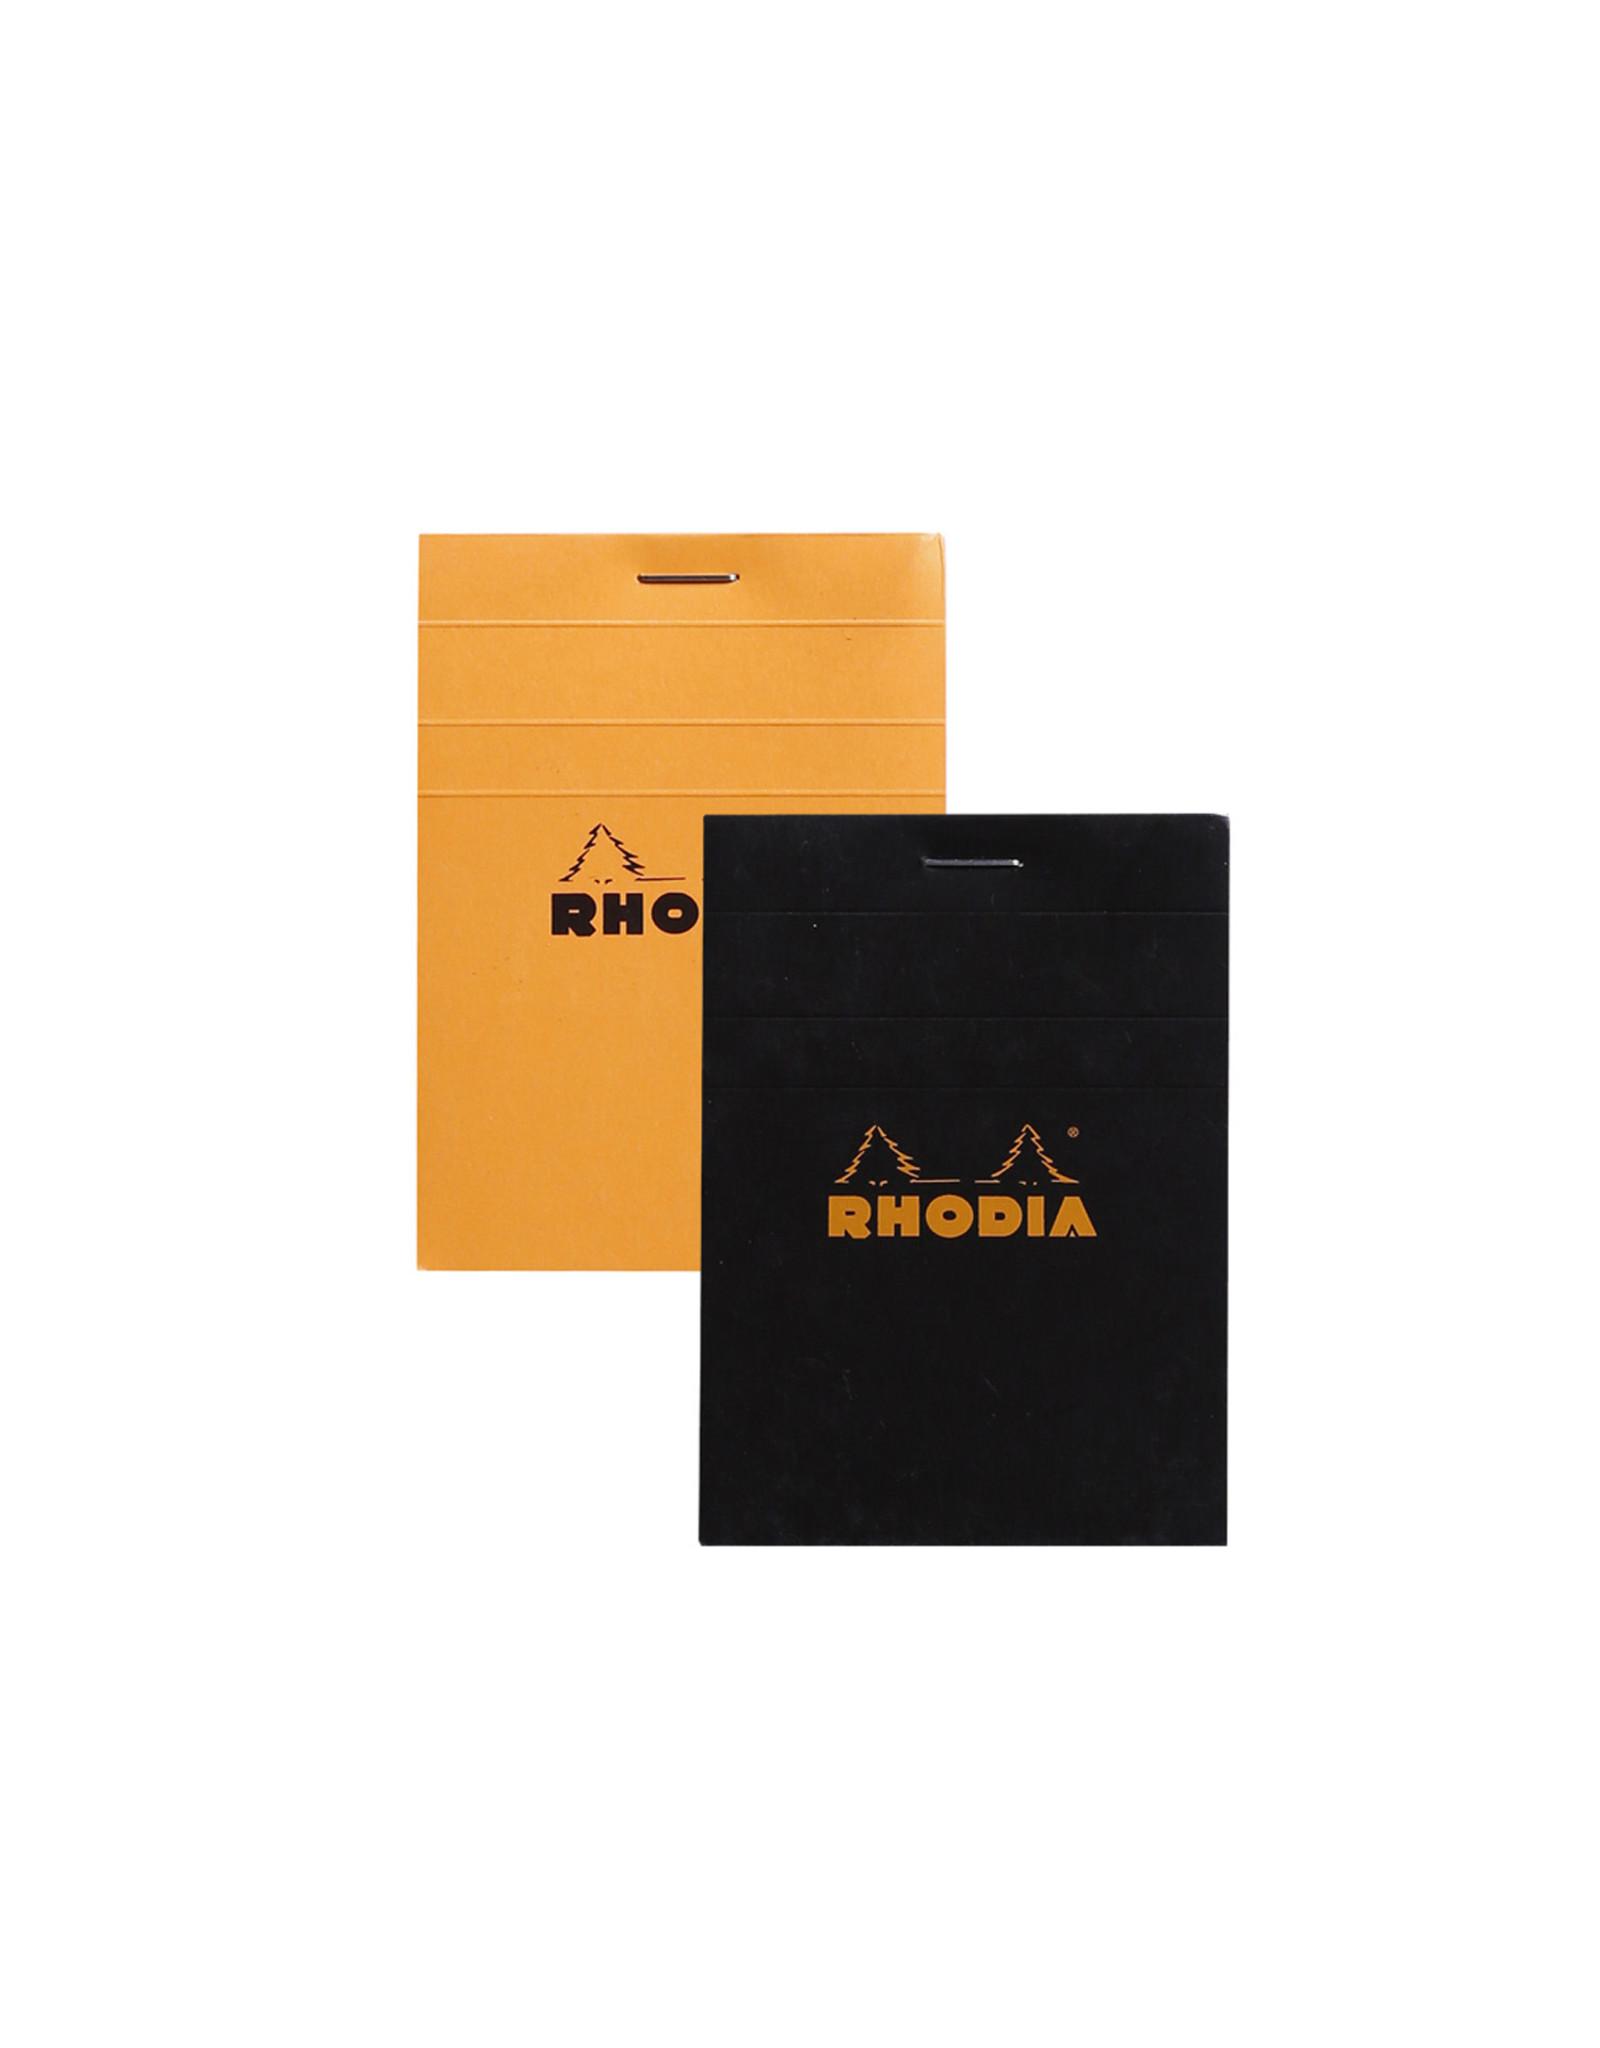 Rhodia Pad No. 12, Orange Graph